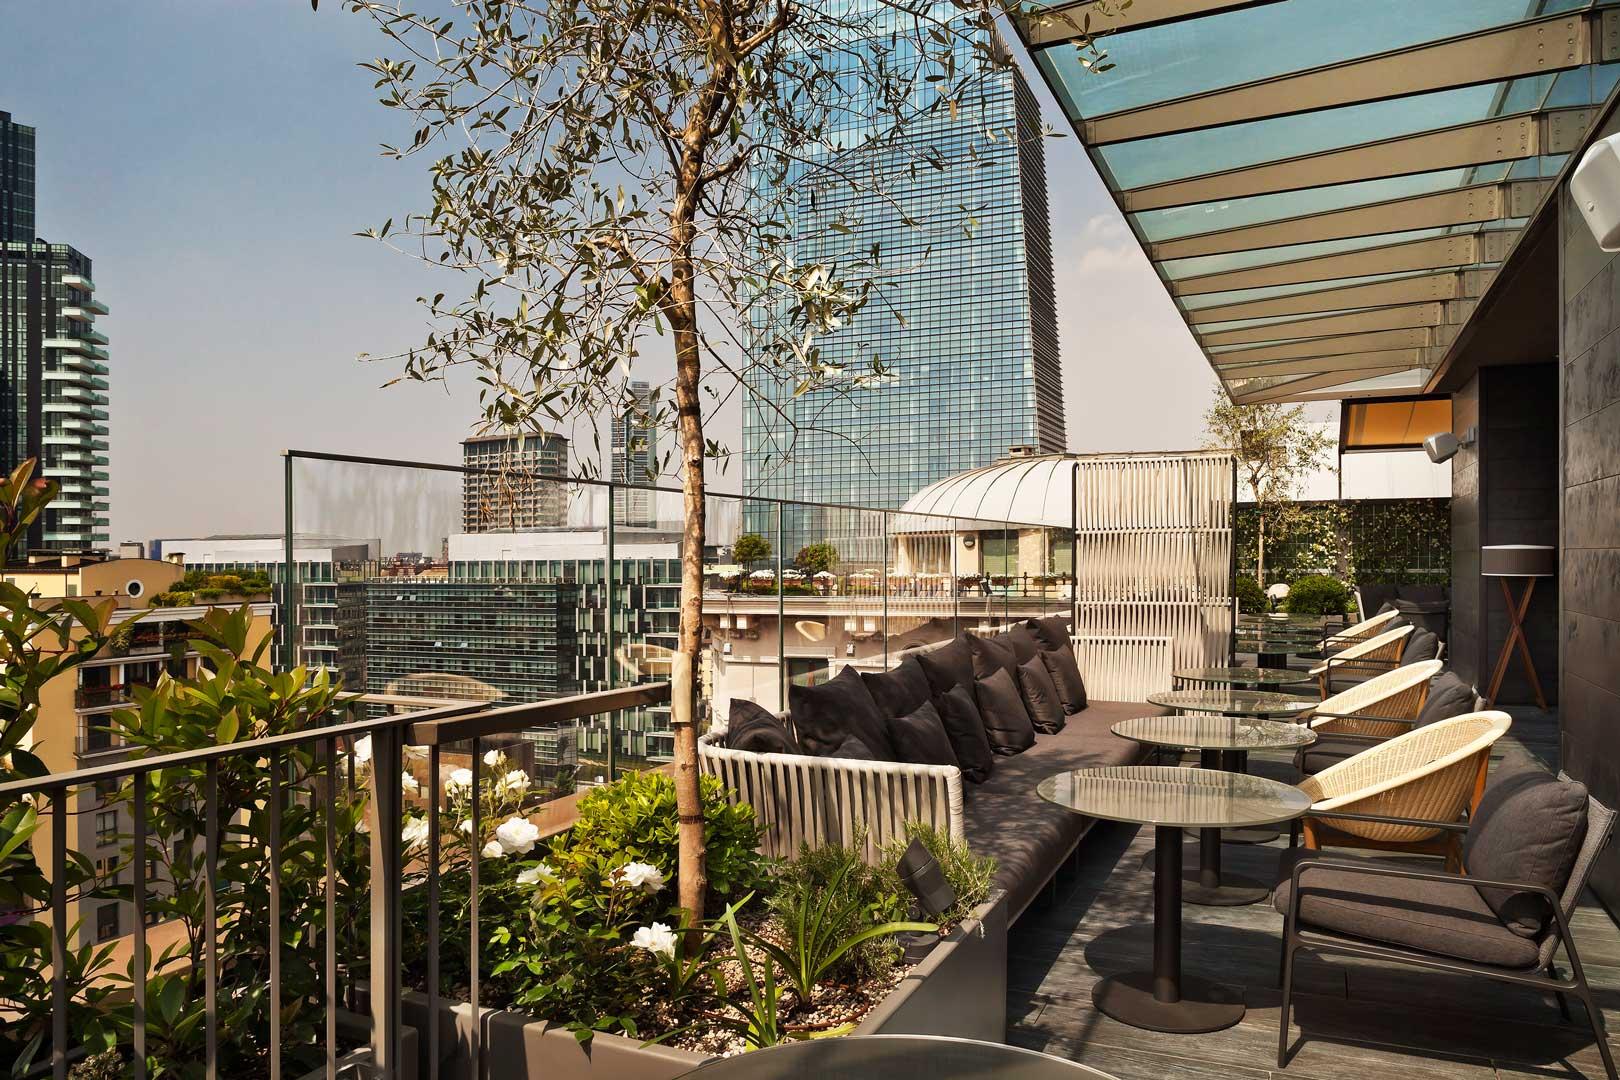 Hotel Garden Hilton Milano